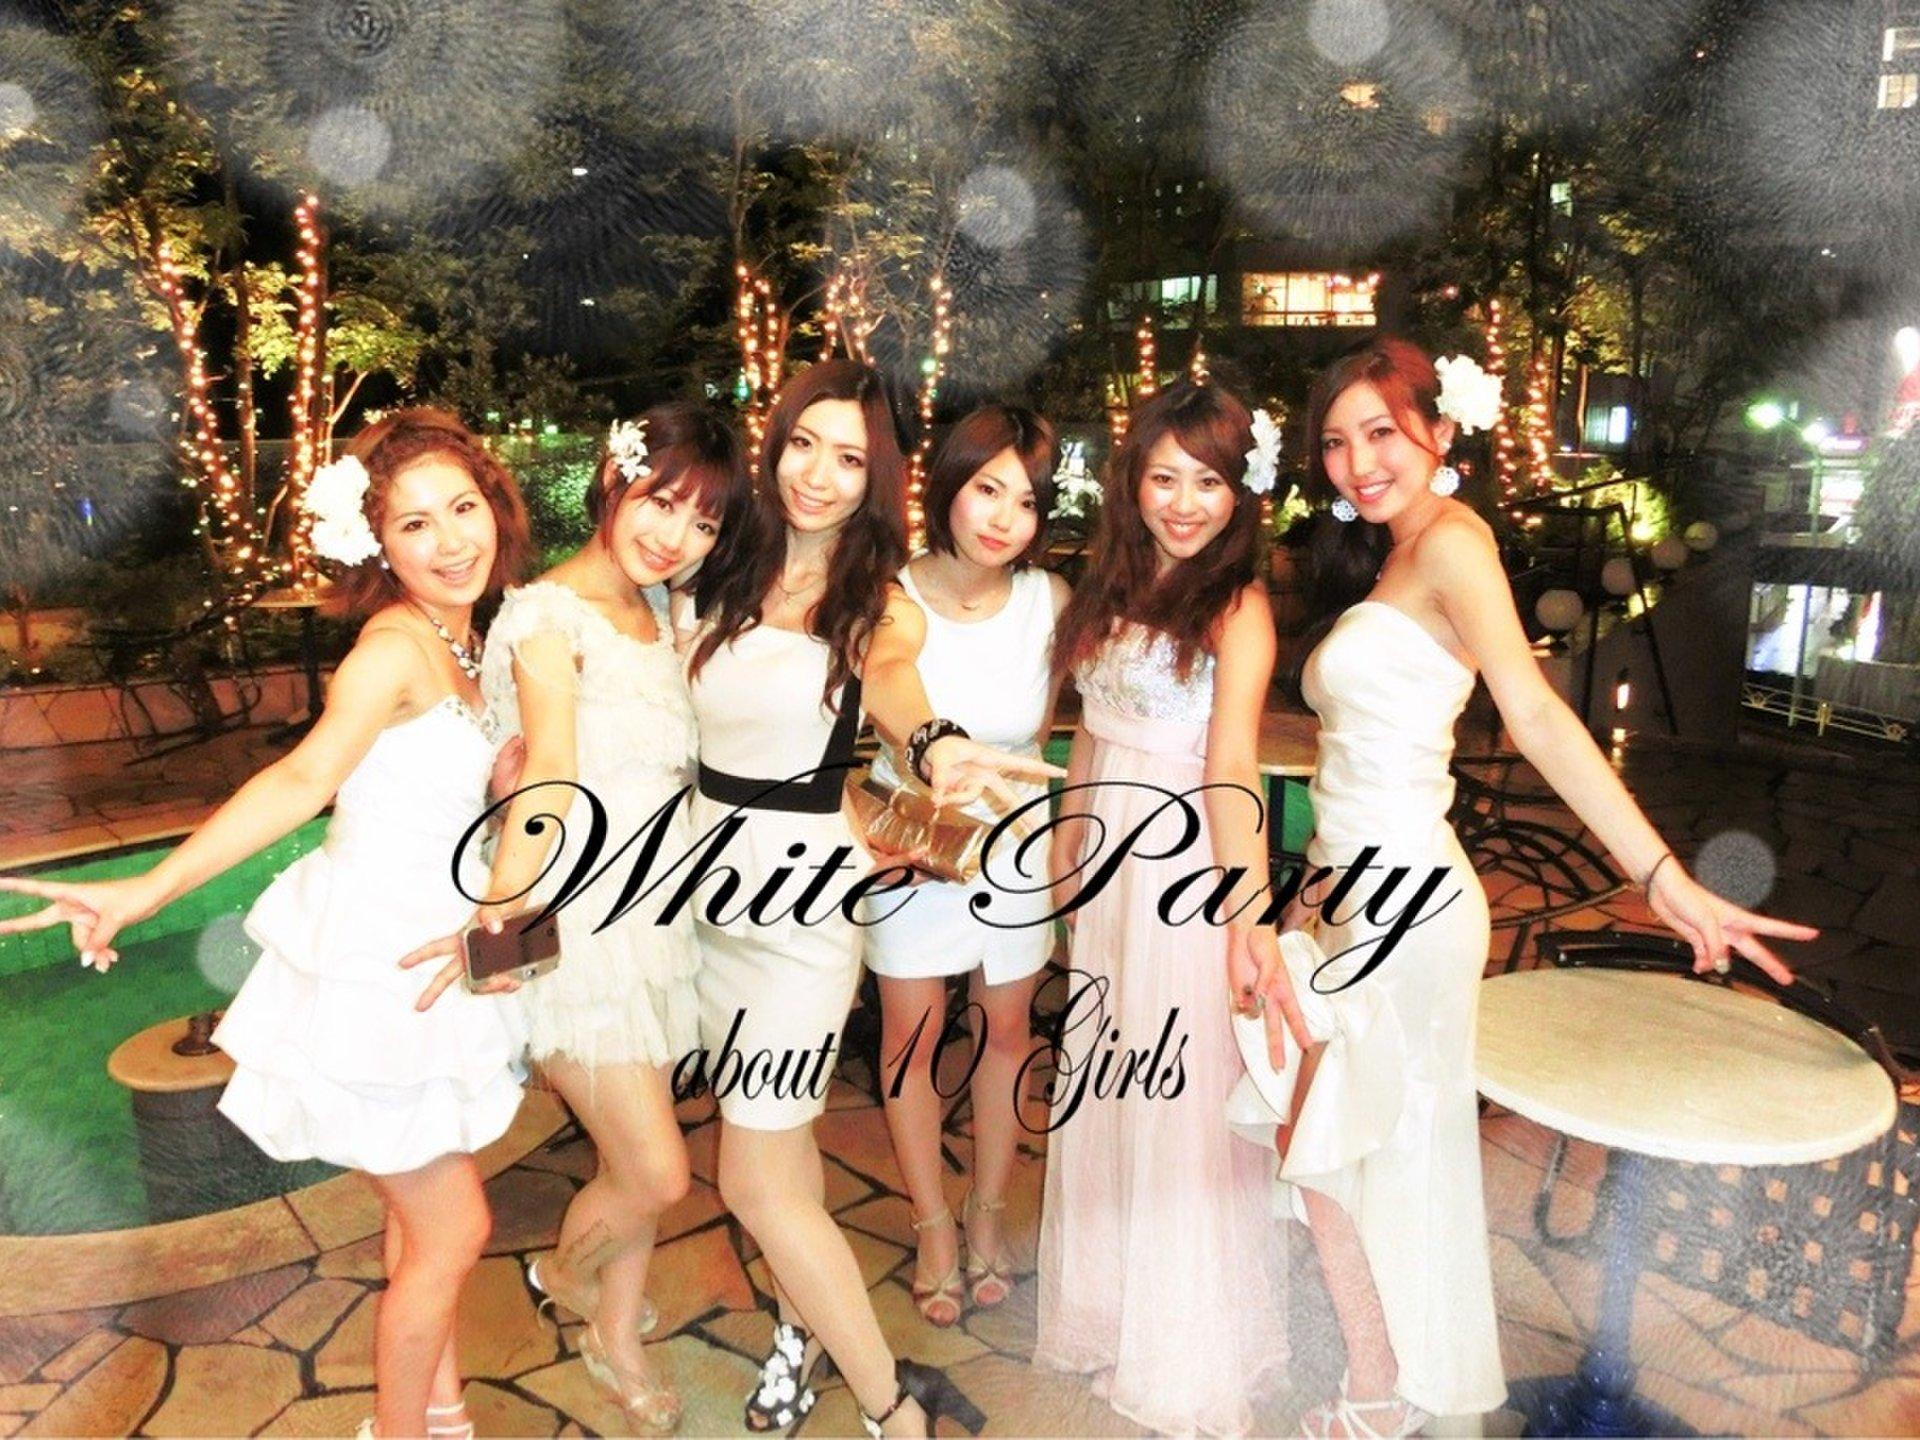 ドレスコードは「白」♡渋谷のプールサイドテラスを貸し切りセレブ気分なWhite Party女子会♪